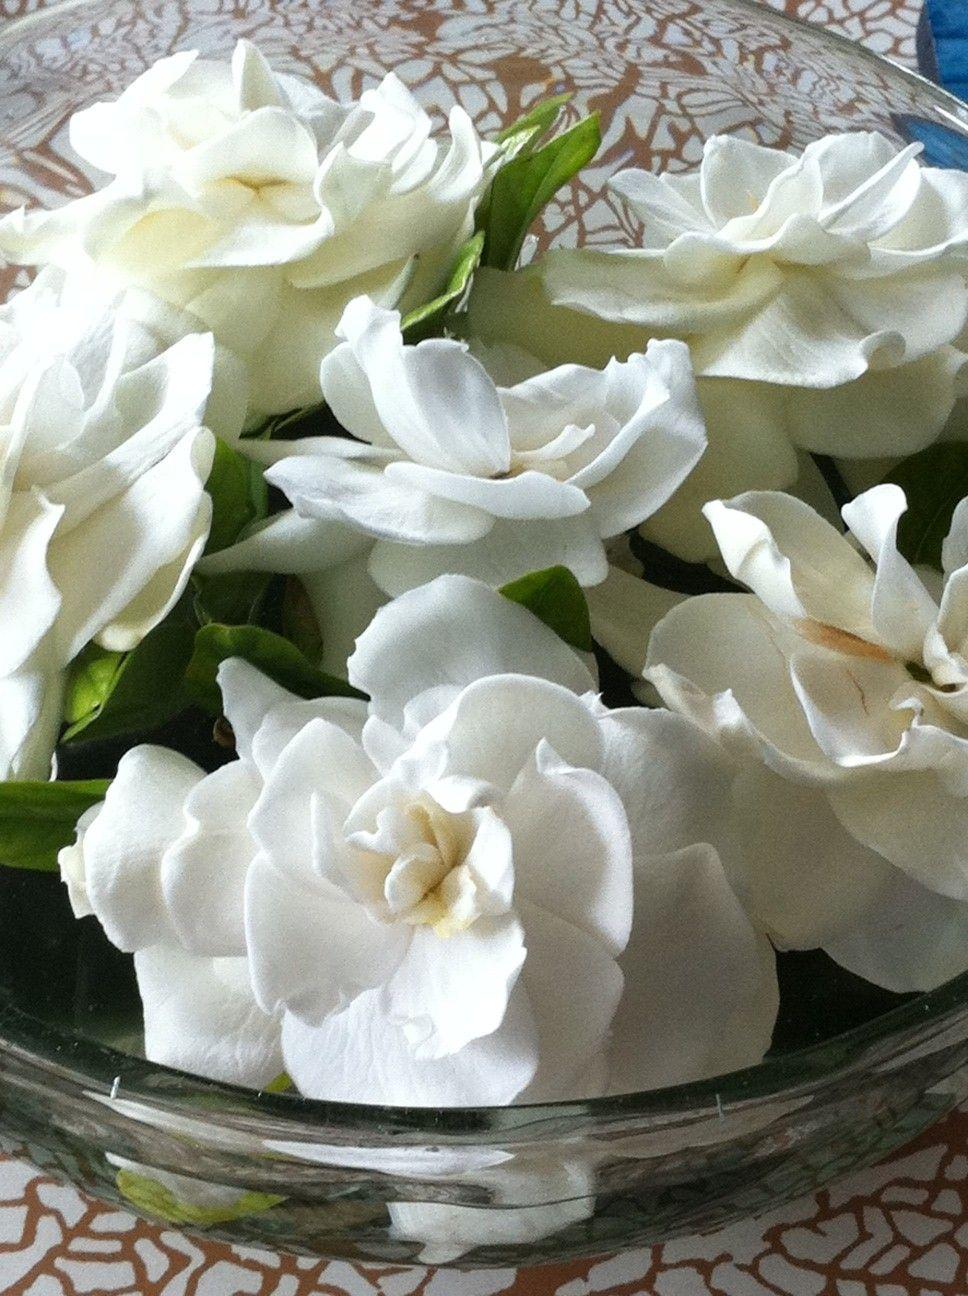 Gardenias Near Me : gardenias, Gardenias, Favorites, White, Flowers,, Flower, Decorations,, Gardenia